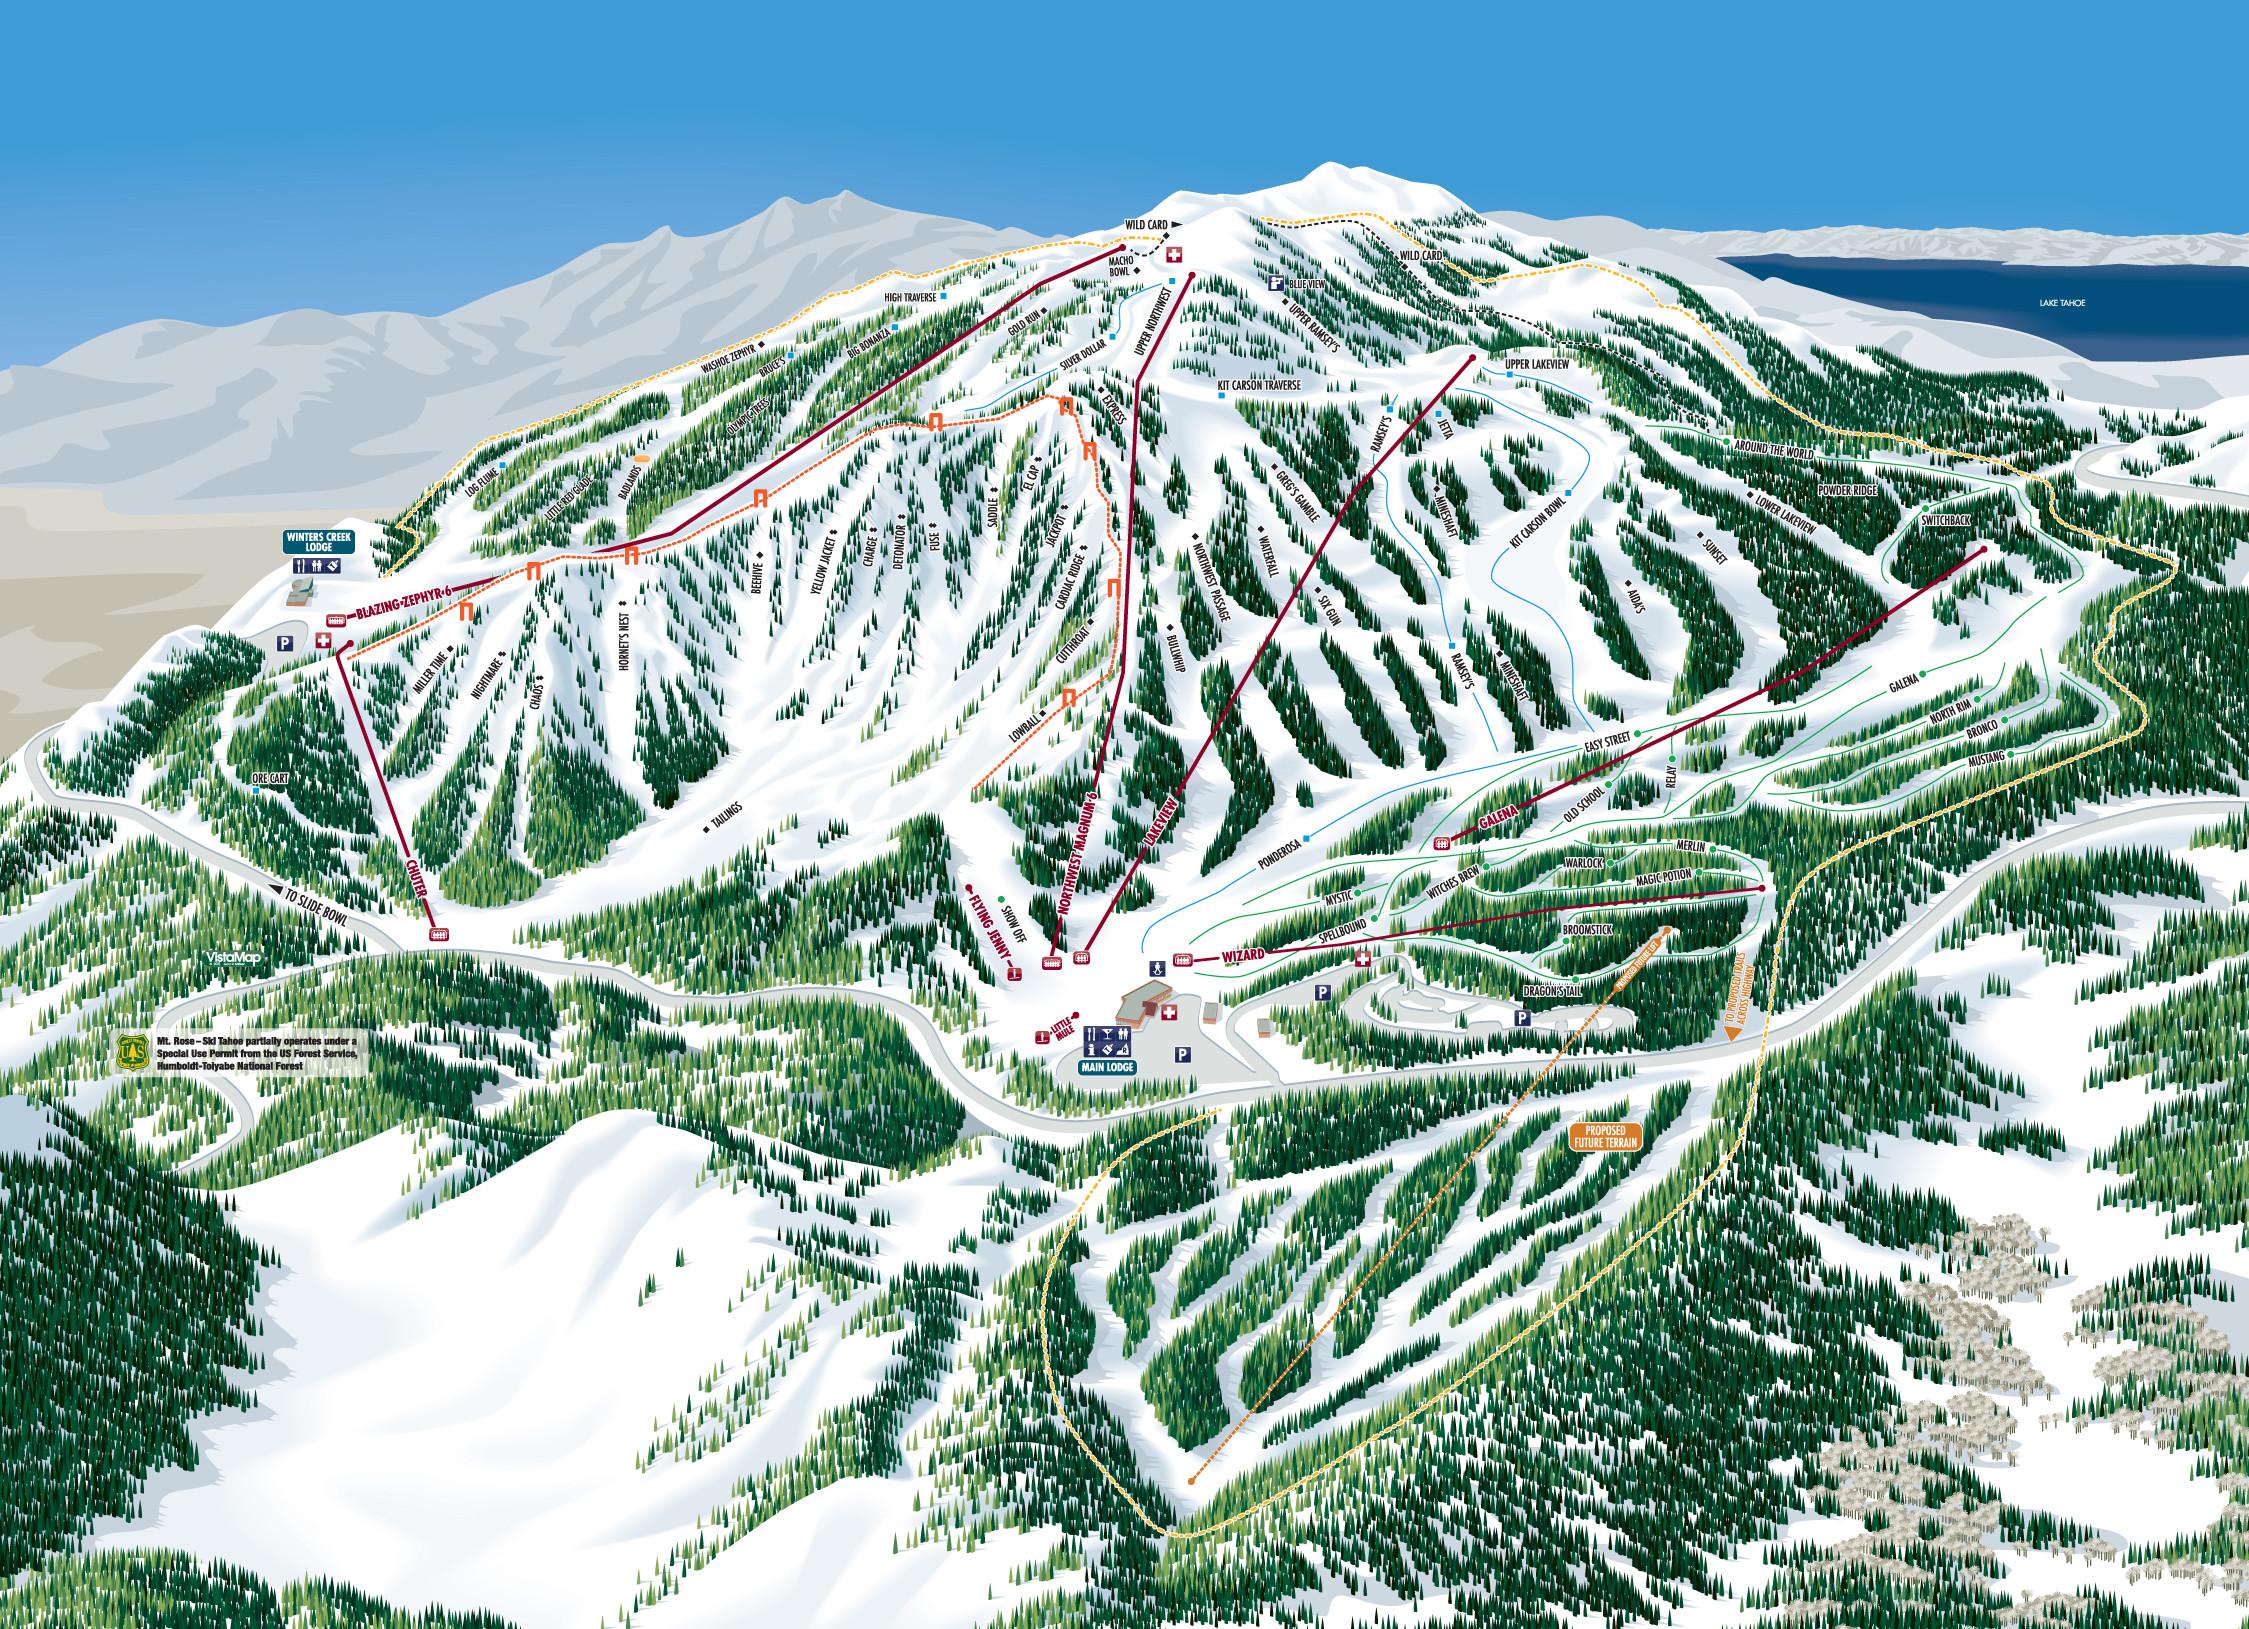 Mt Rose Ski Tahoe Trail Map Piste Map Panoramic Mountain Map - Map of us ski resorts